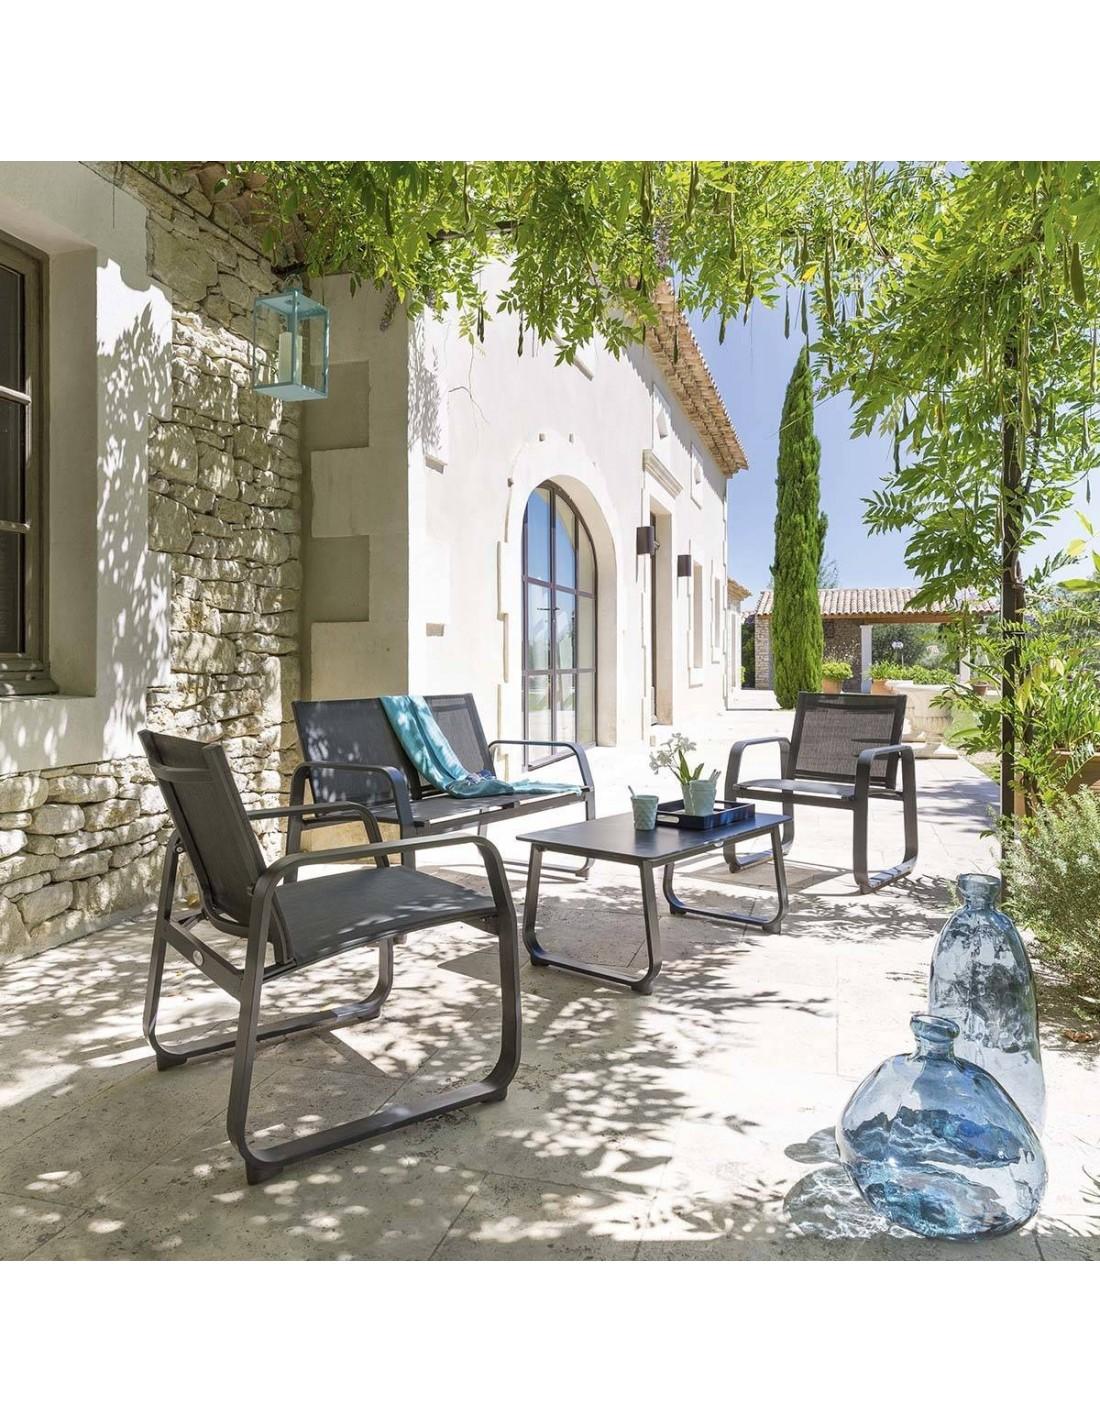 Salon de jardin gili 4 places aluminium et texaline - Mobilier jardin hesperide ...